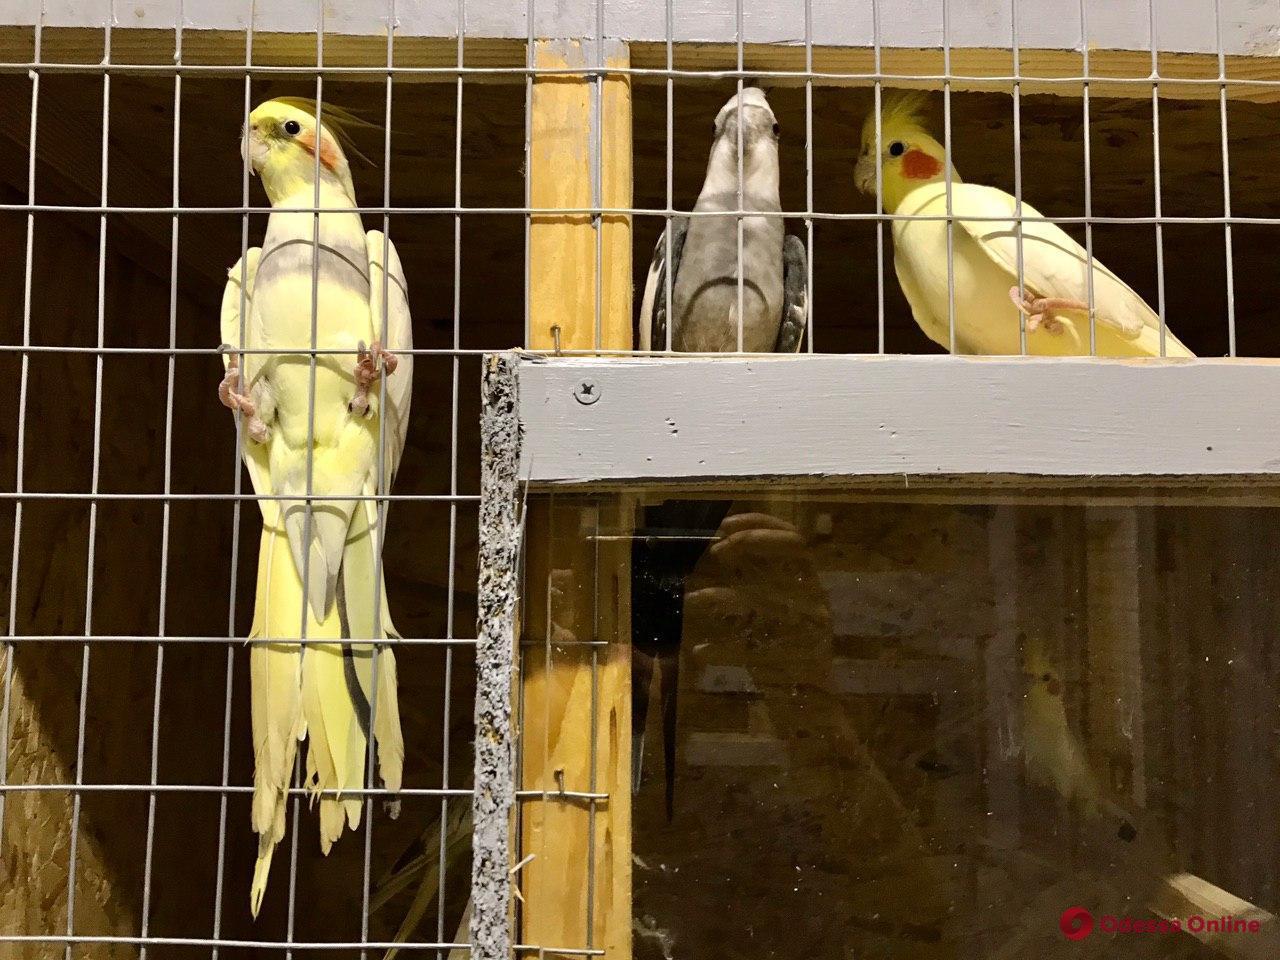 Раненые, потерянные, но не брошенные: как в реабилитационном центре Одесского зоопарка выхаживают птиц